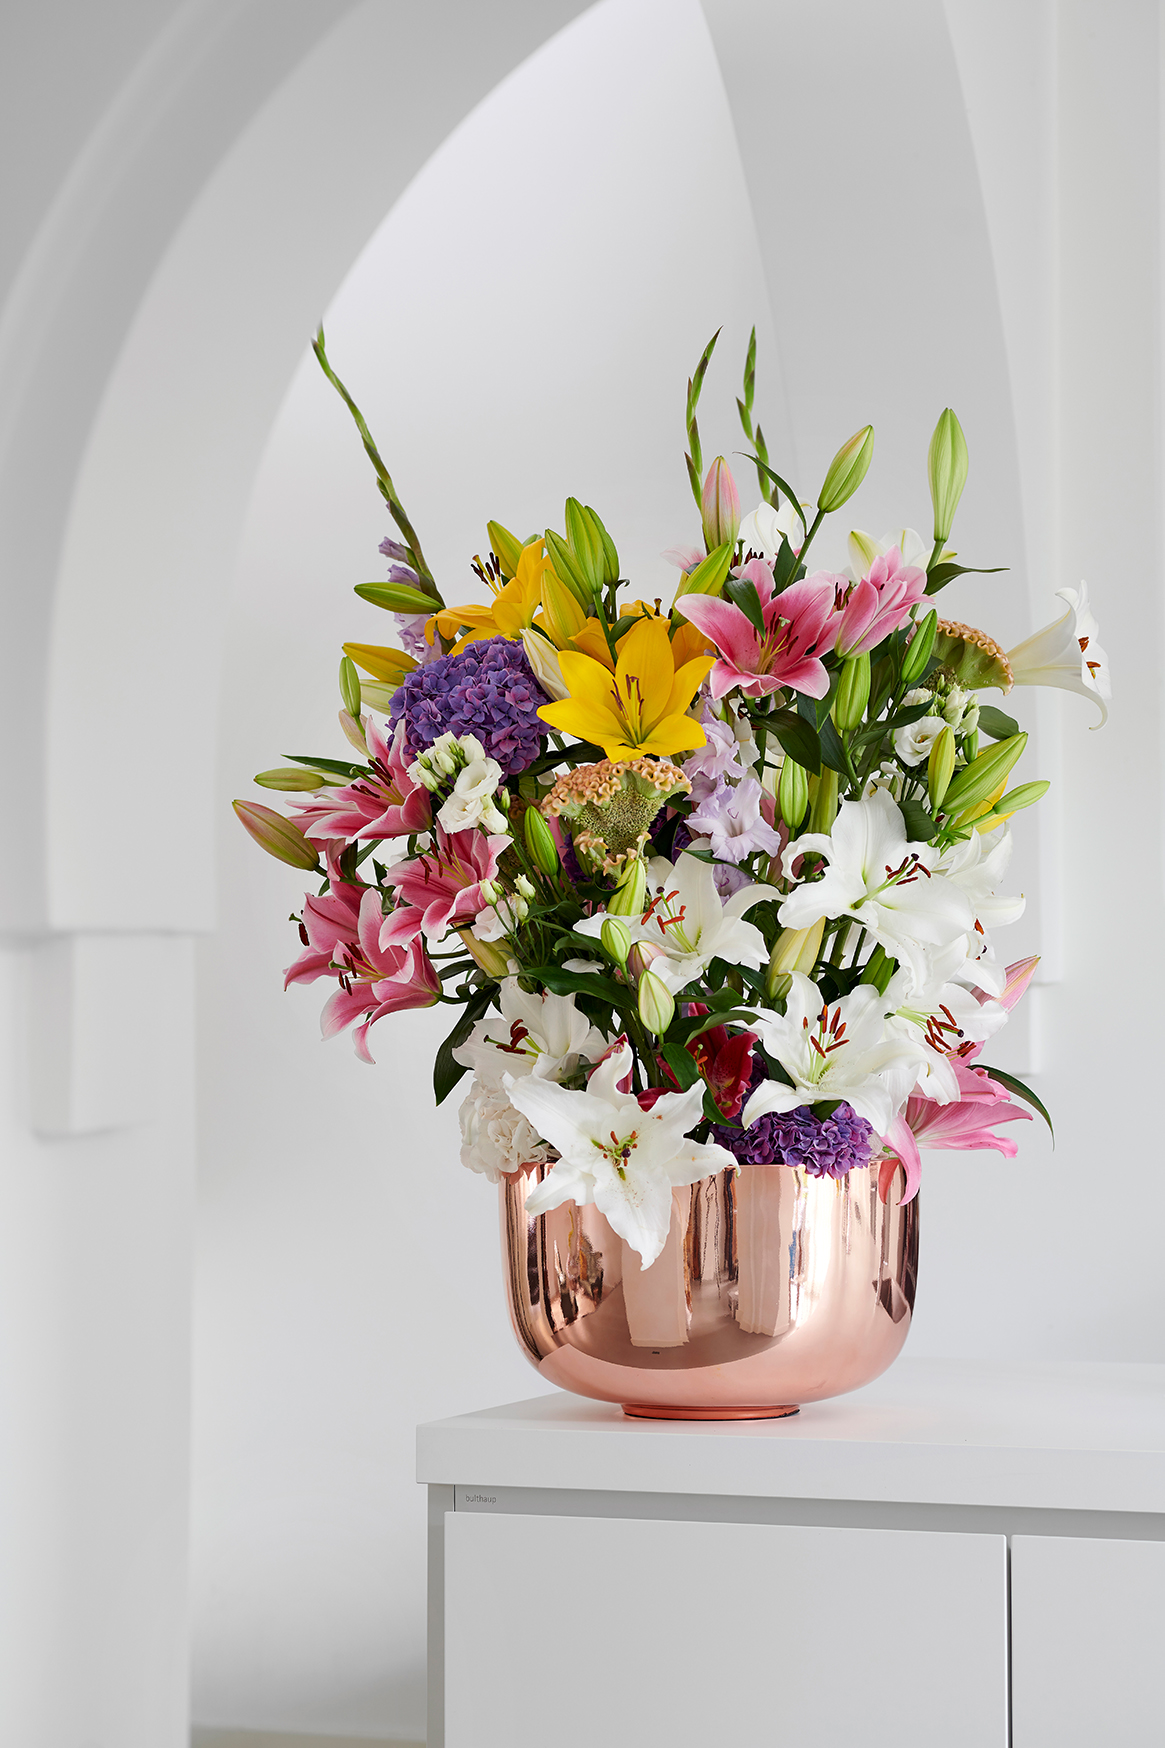 Als bunter Strauß verströmen Lilien pure Lebensfreude